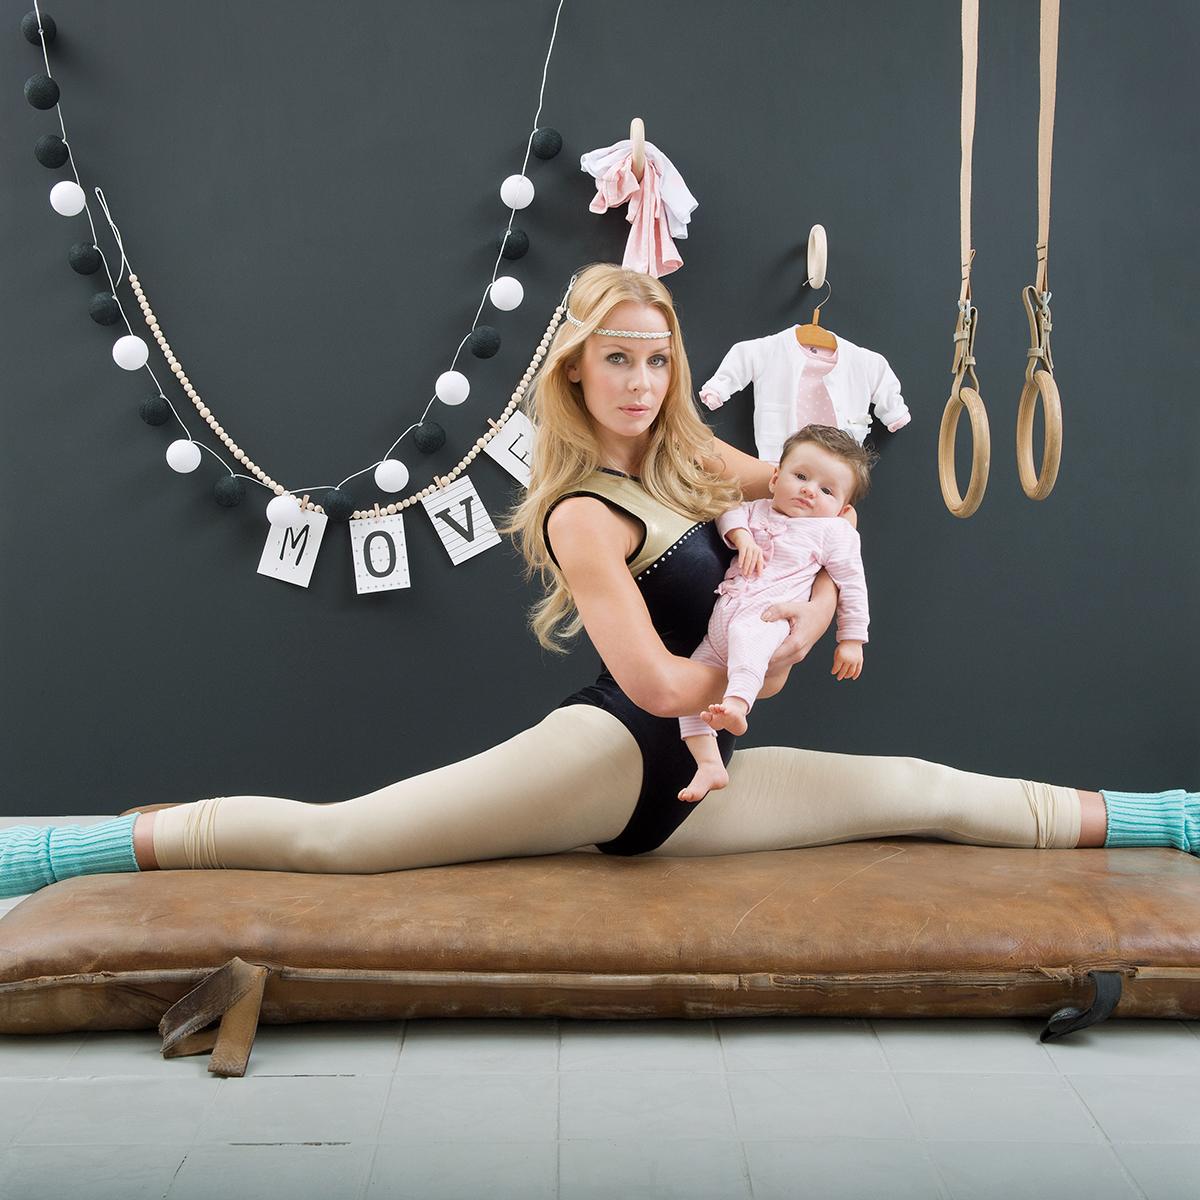 Z8_Newborn, z8 babykleding, z8 kinderkleding, nieuwe collectie z8, z8 zomer 2015